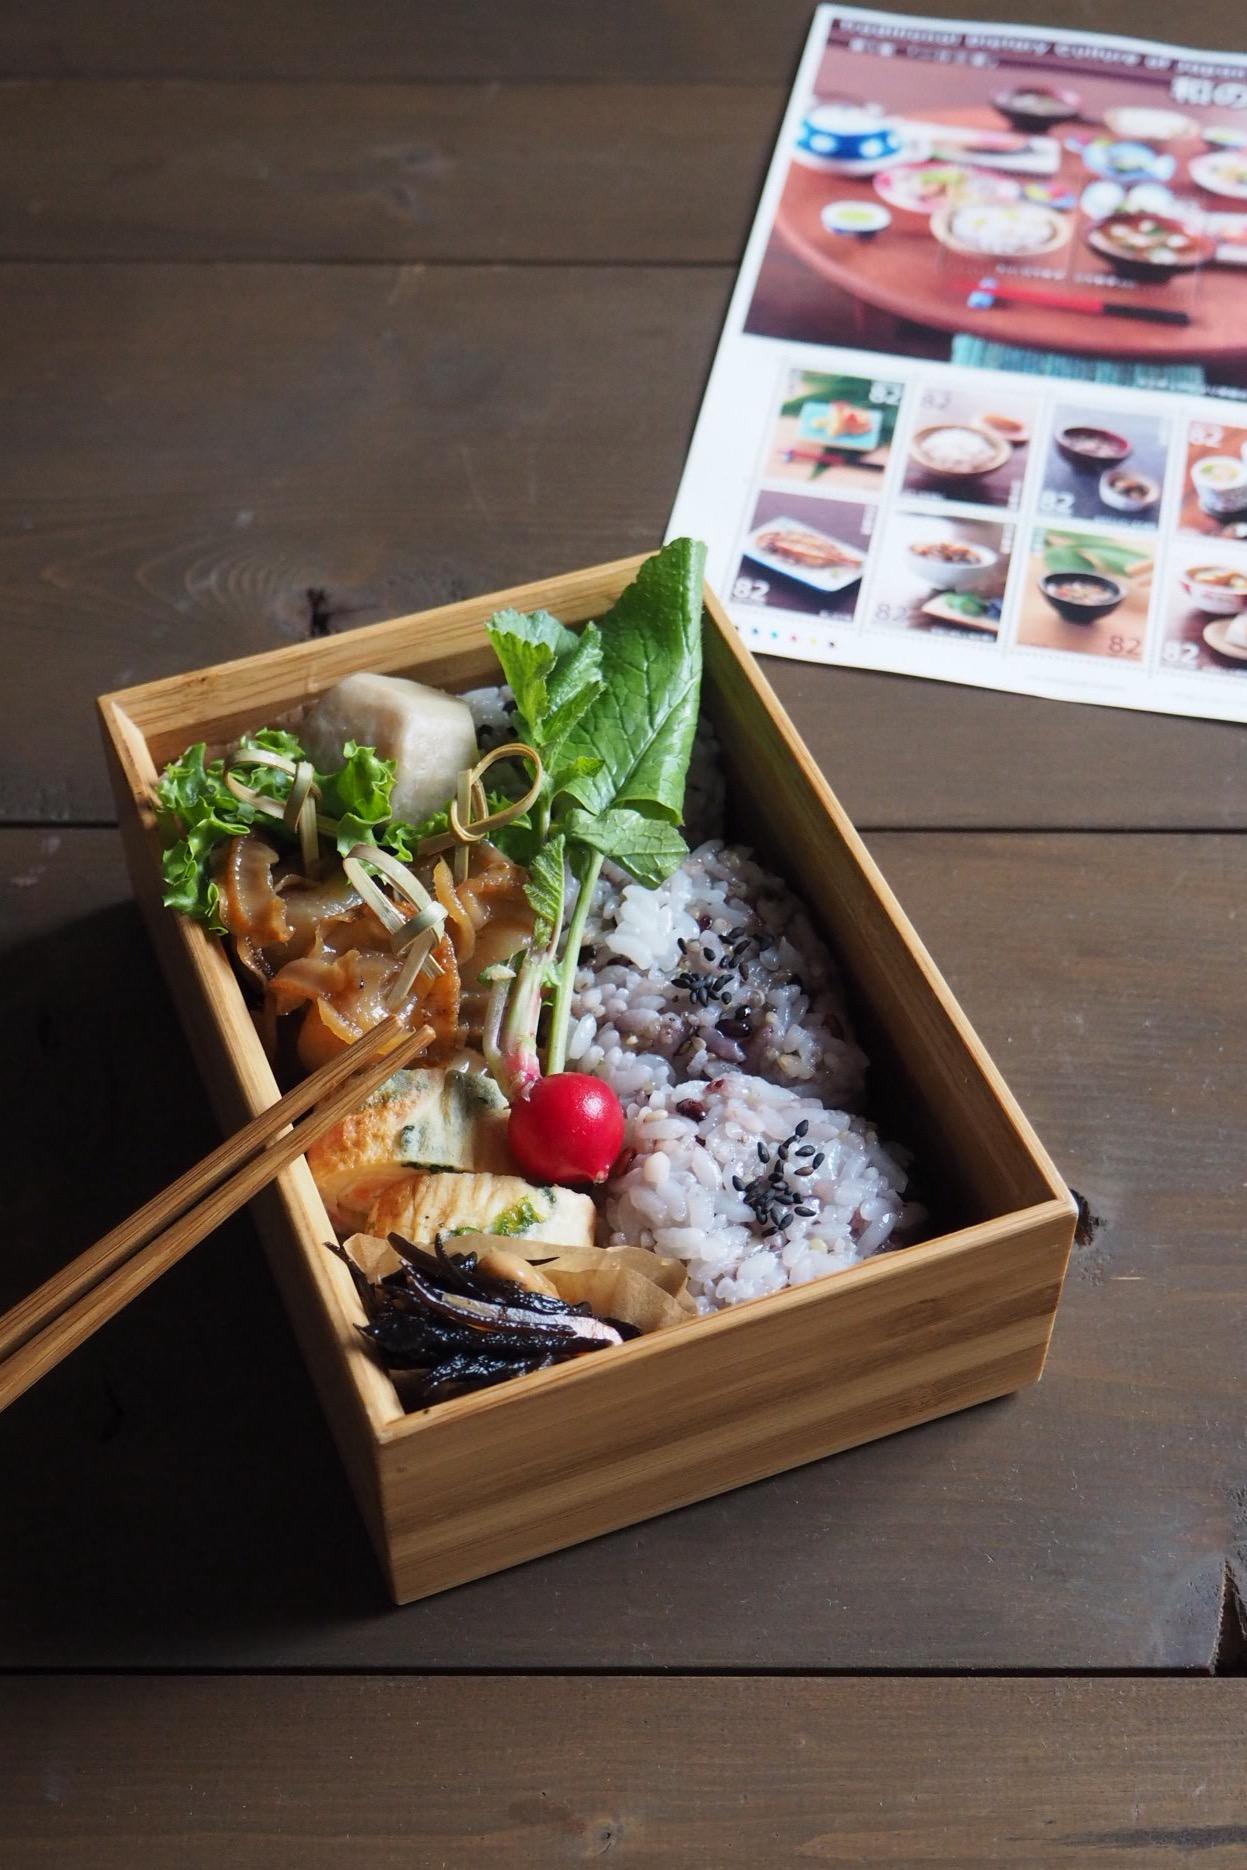 ベビーホタテの生姜煮弁当と和の食文化記念切手_c0270834_830588.jpg